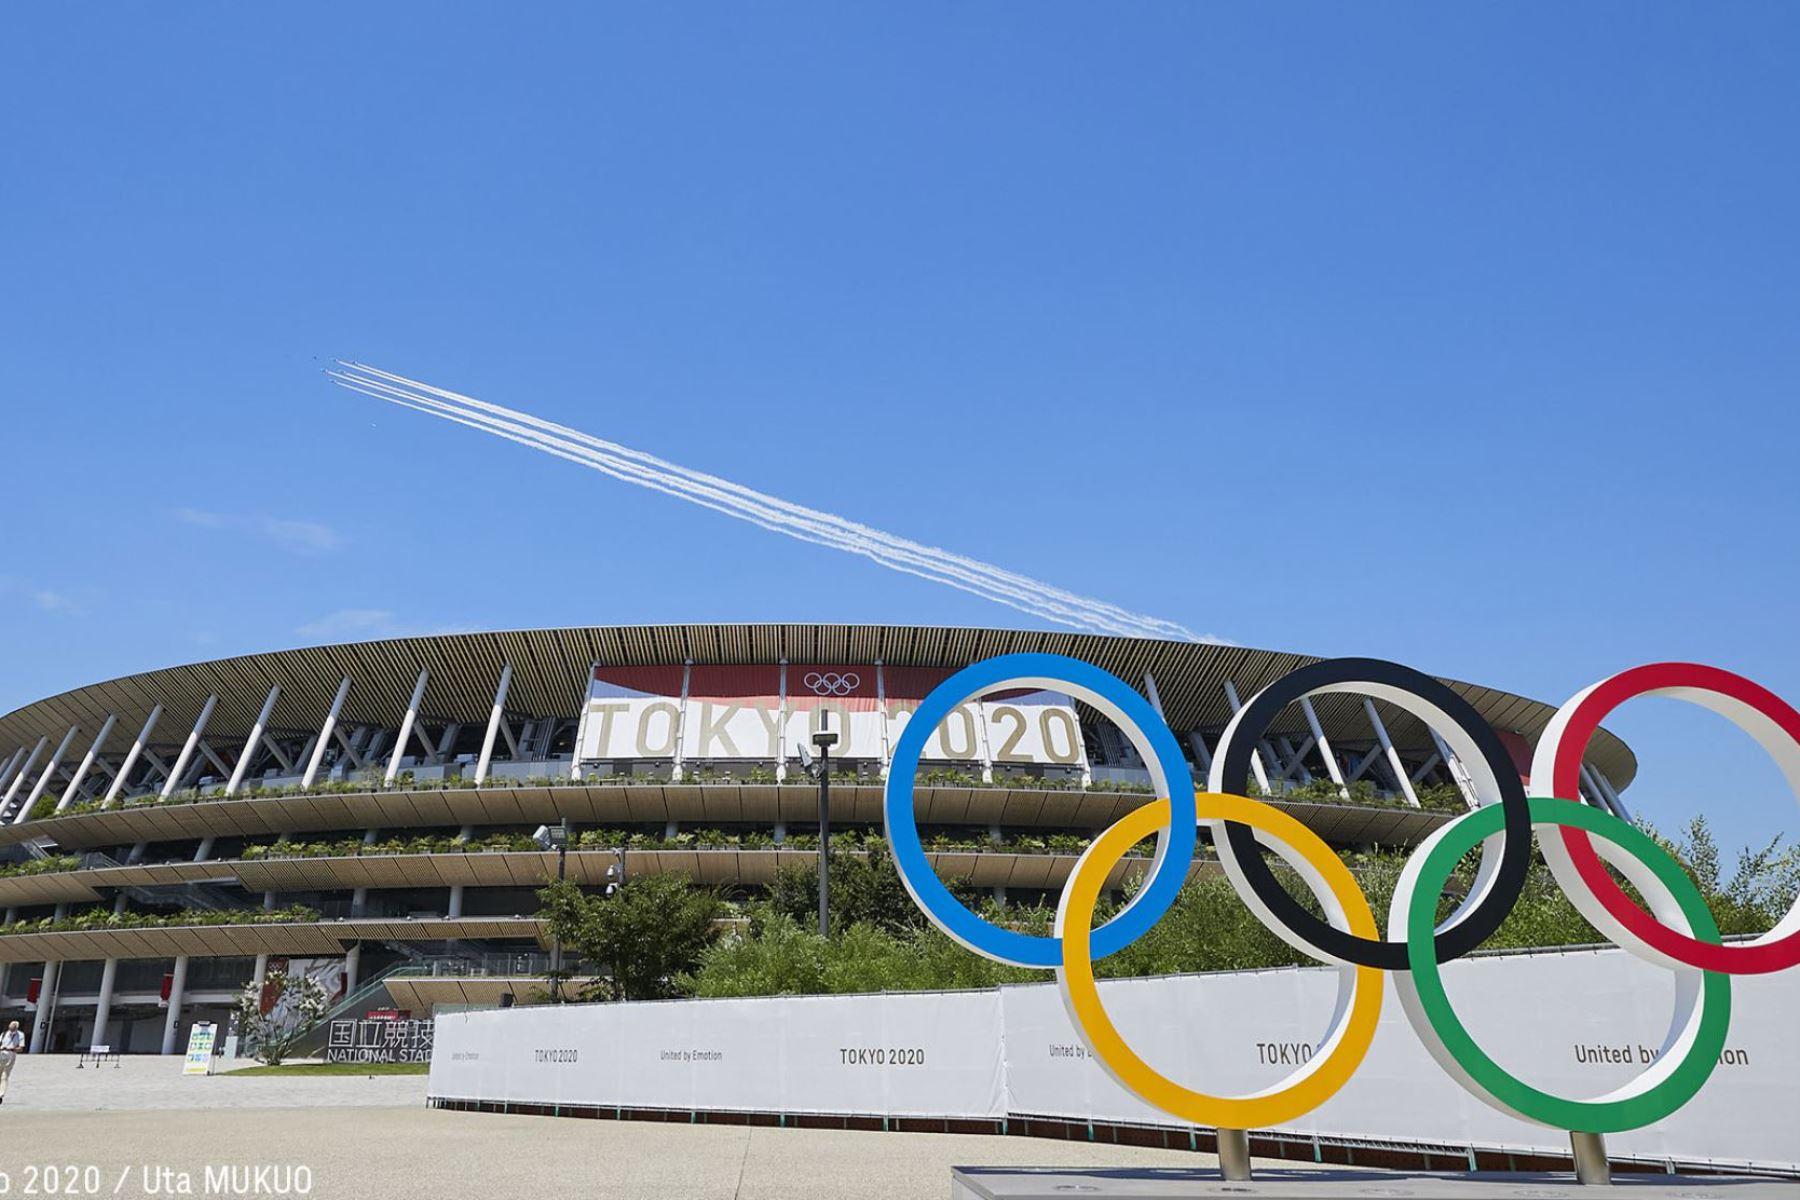 Los Juegos Olímpicos Tokio 2020 se inician mañana de manera oficial